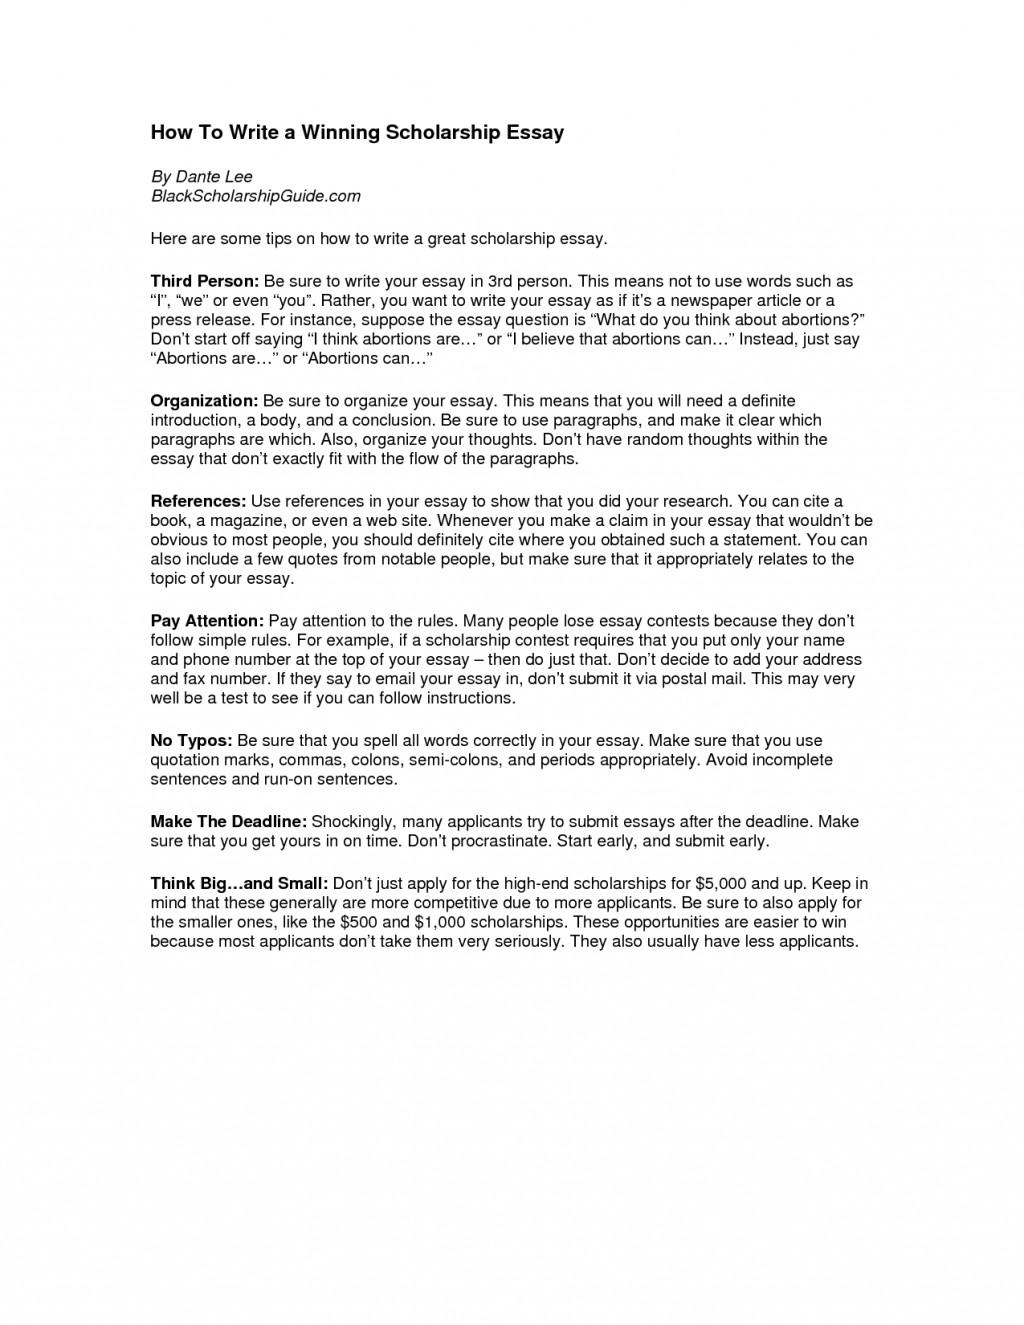 008 Zmemxteu5z Example Scholarships Phenomenal Scholarship Essays Sample For Masters 500 Words Nursing Large